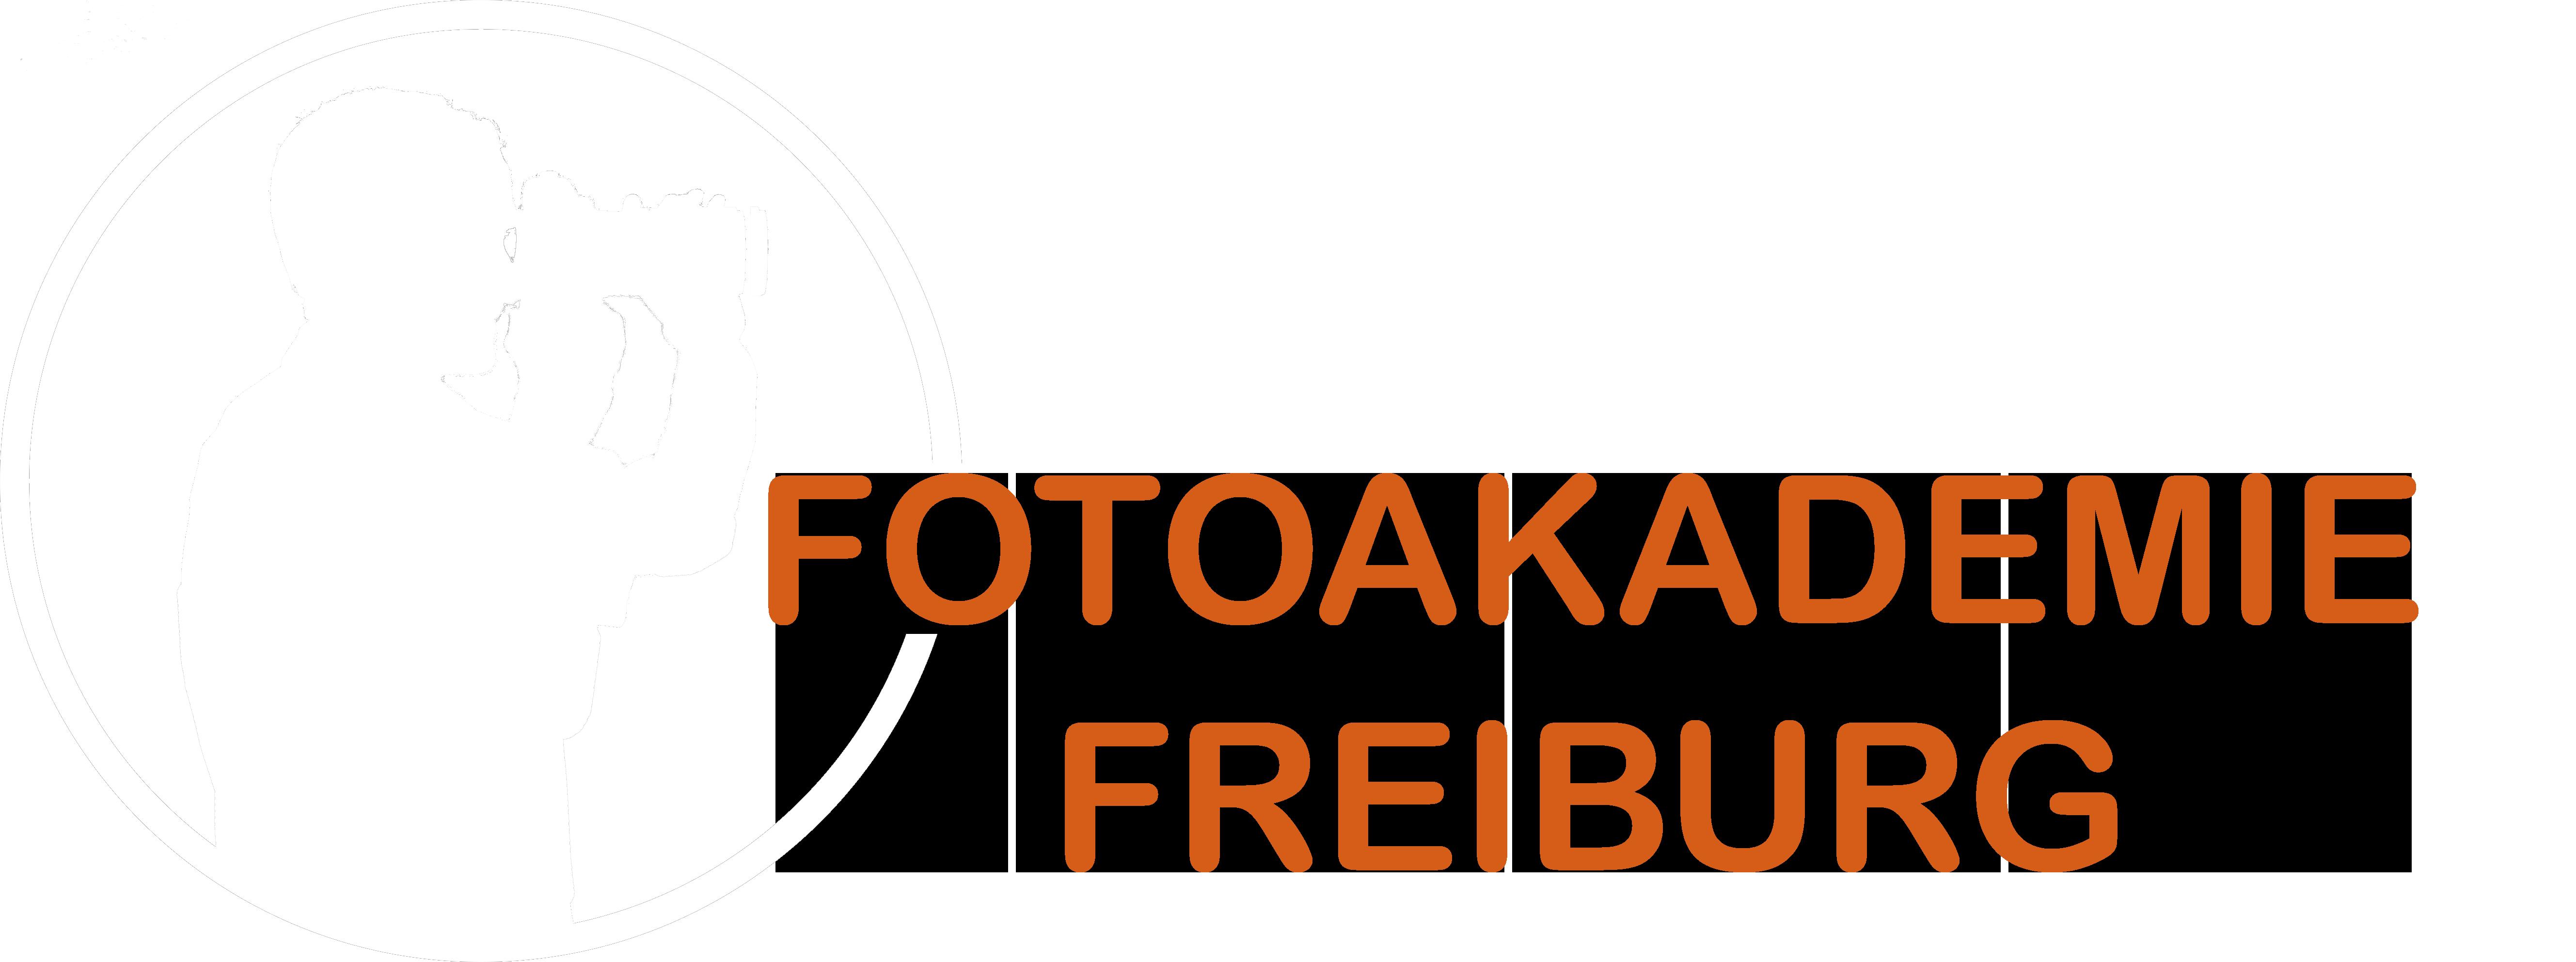 Fotoakademie Freiburg